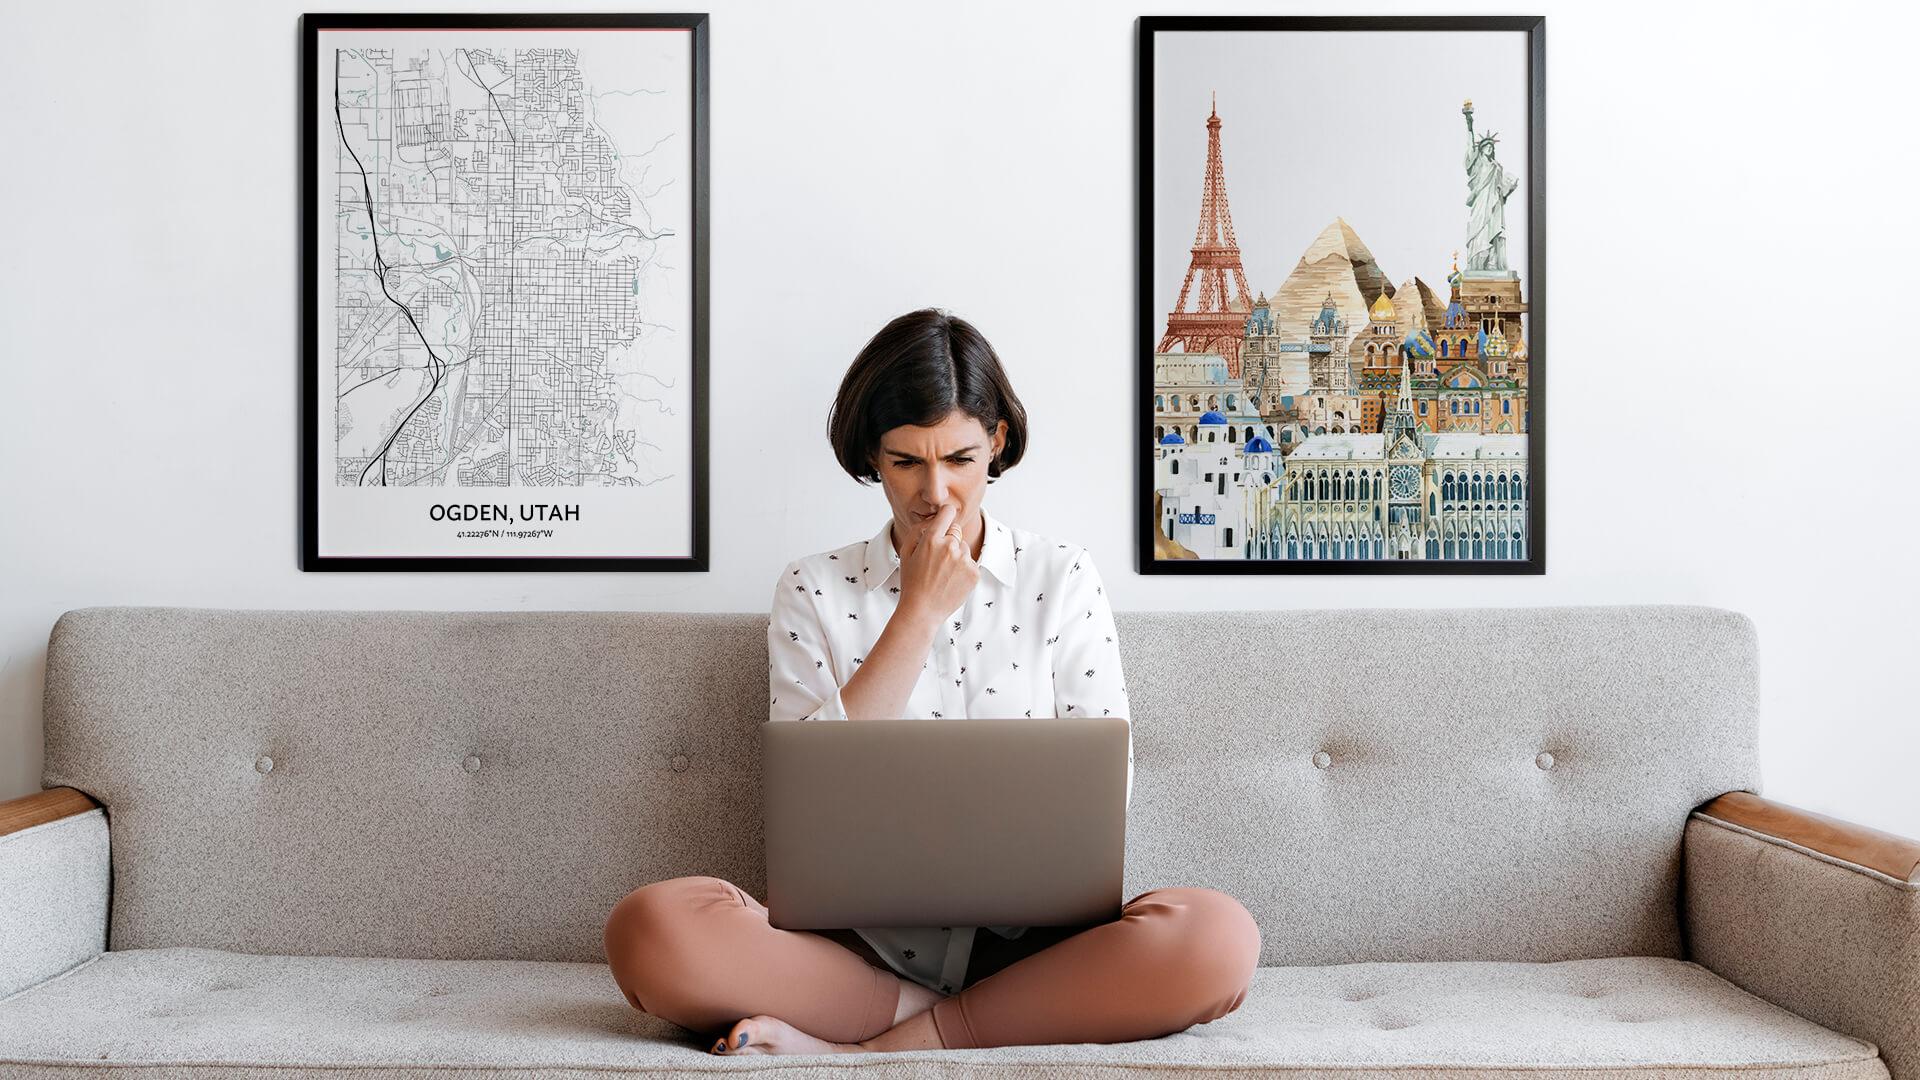 Ogden city map art